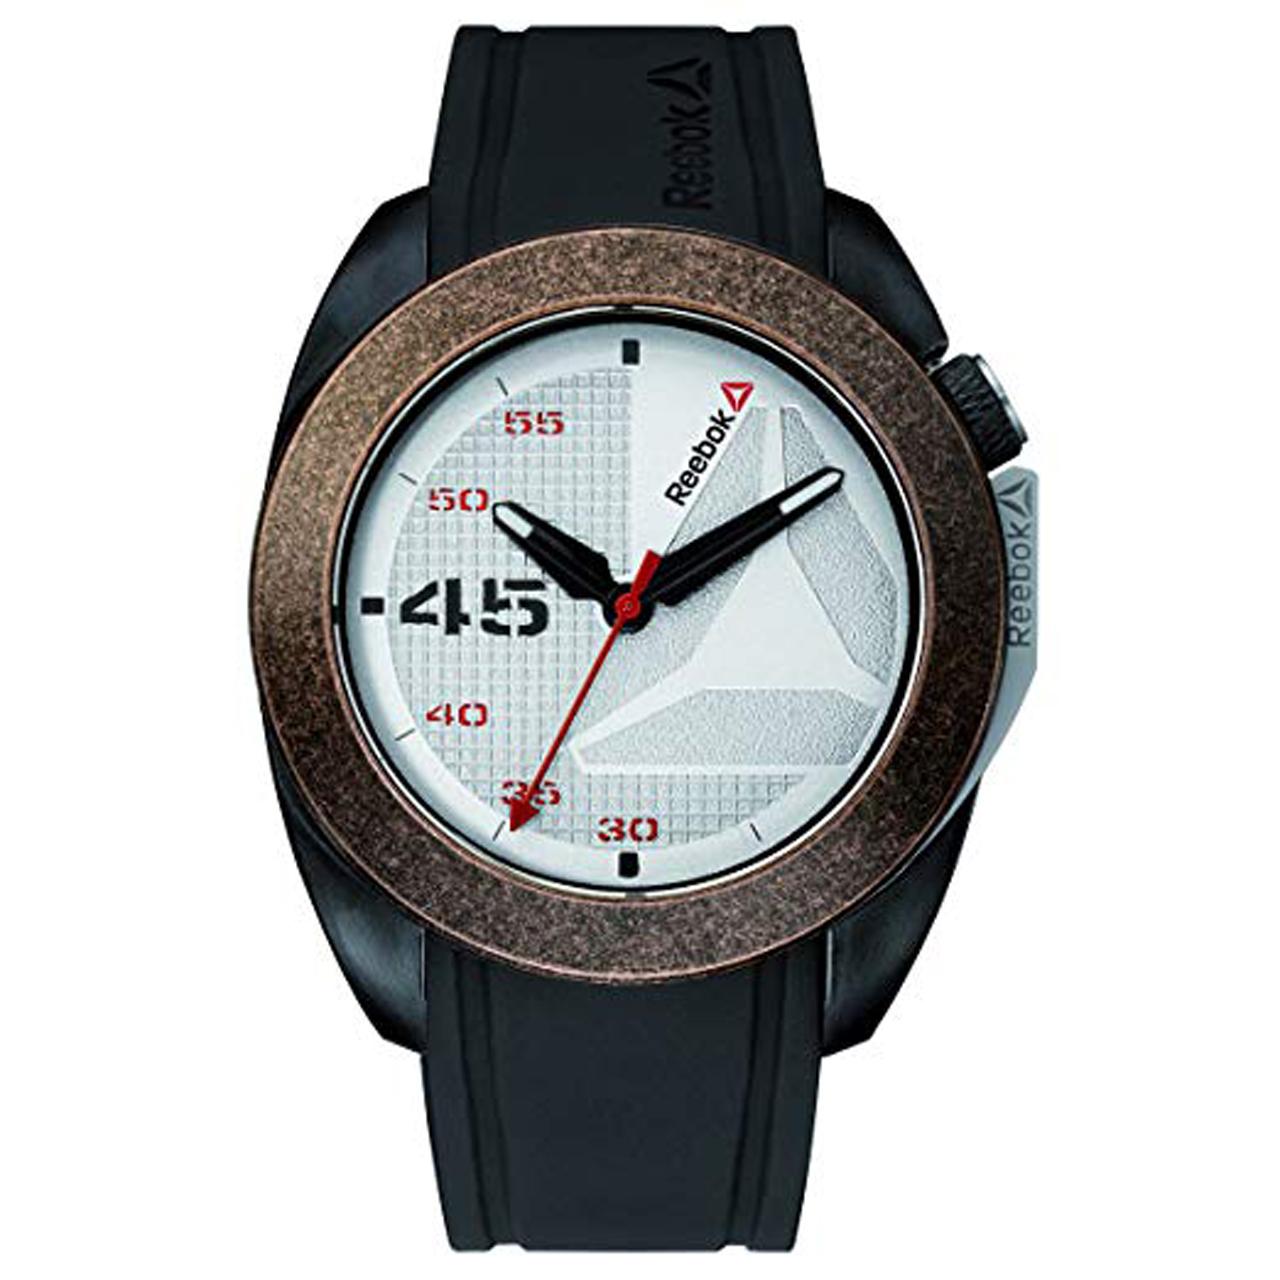 ساعت مچی عقربه ای مردانه ریباک مدل RD-SKO-G2-PBIB-1R 21